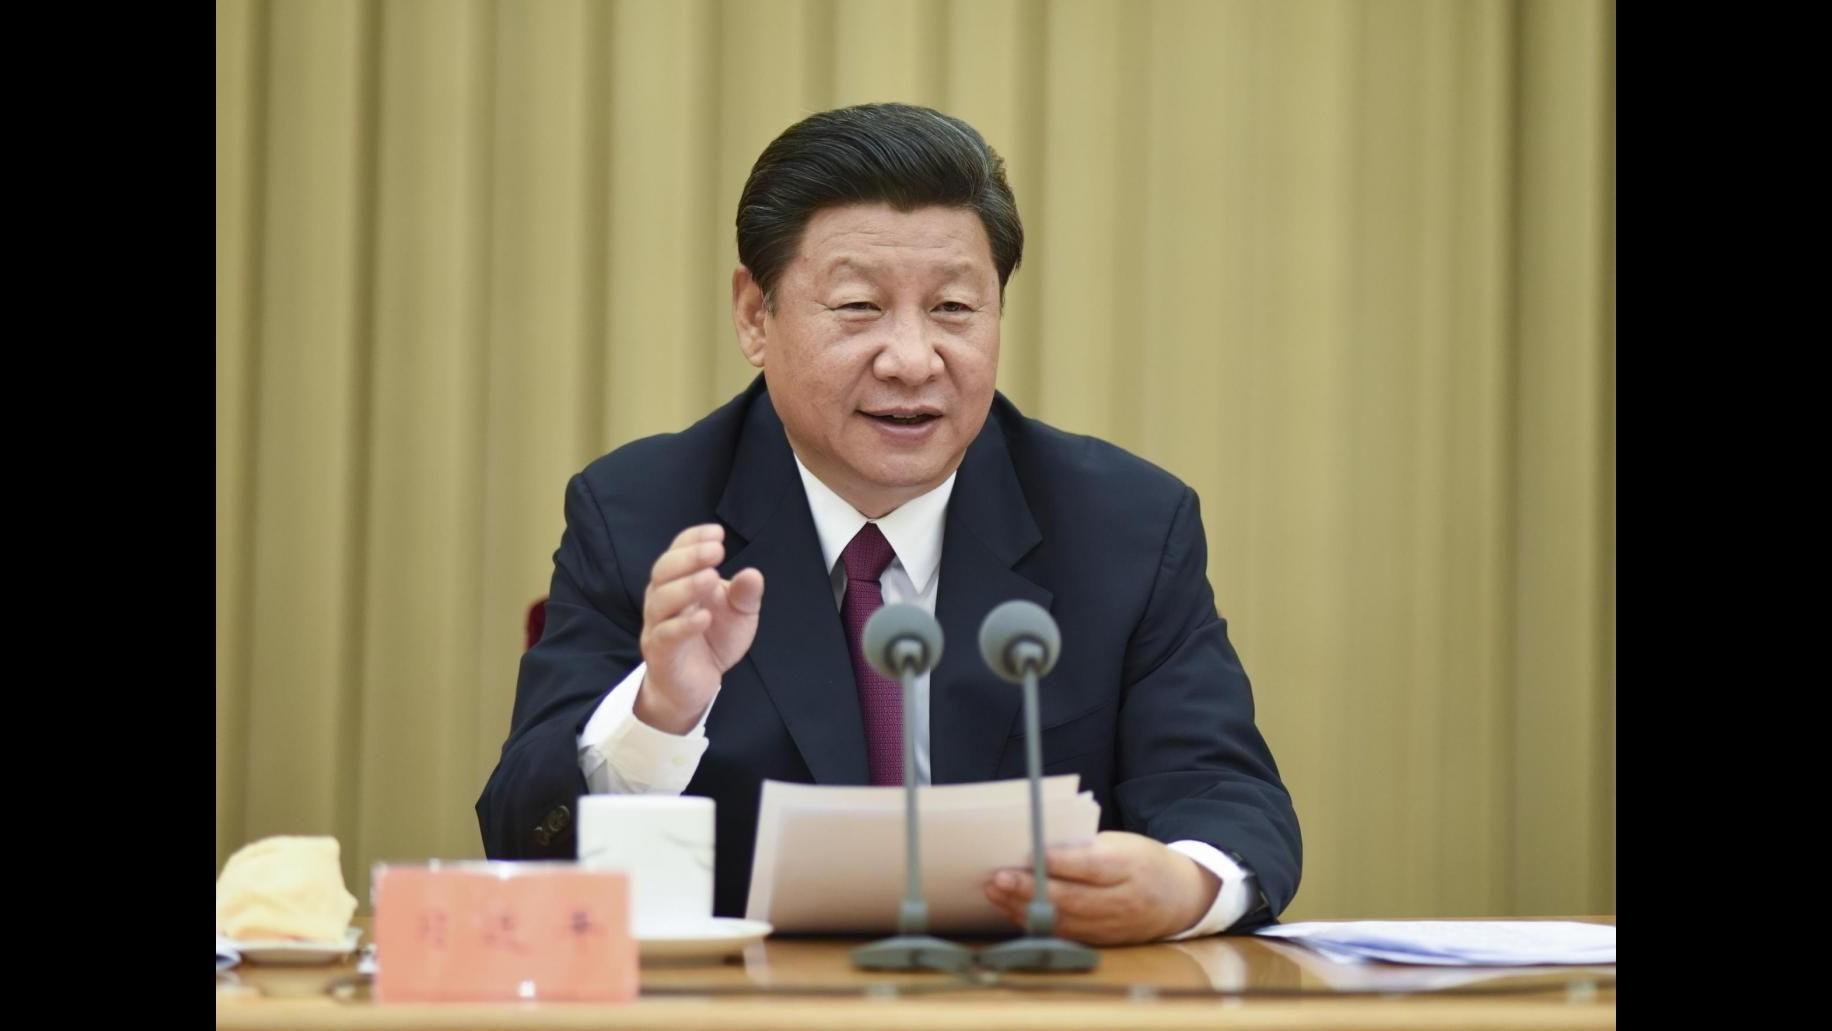 Xi Jinping atterrato a Seattle: Non vedo l'ora di incontrare Obama